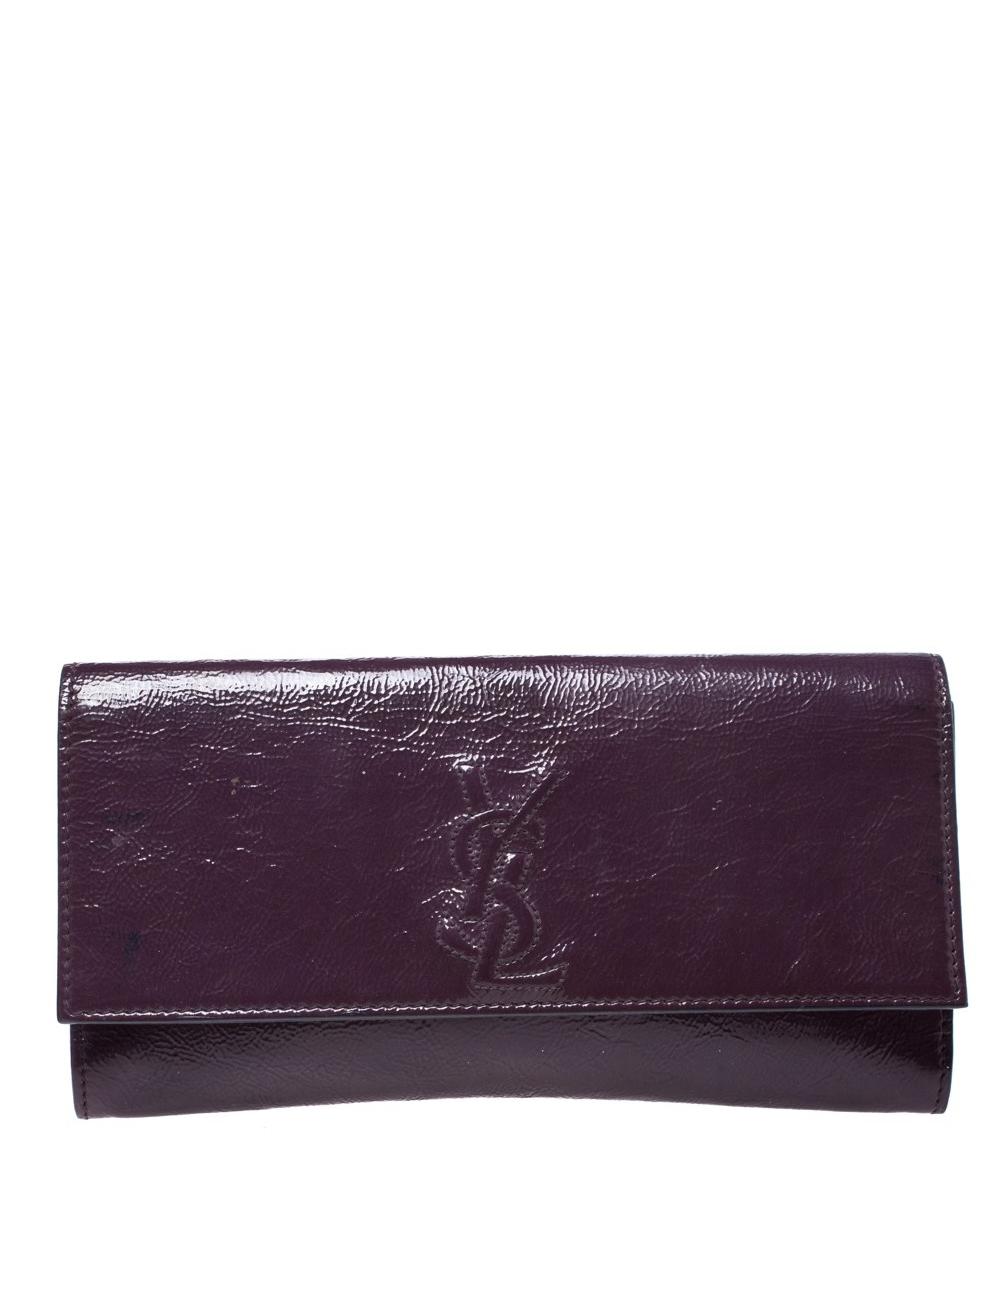 Saint Laurent的Belle De Jour手拿包不僅時尚,而且製作精良。這種設計既簡單又精緻,恰好適合以現代方式體現階級的女性。由漆皮精心製作而成,標榜紫色陰影和YSL縫線翻蓋,營造出緞面